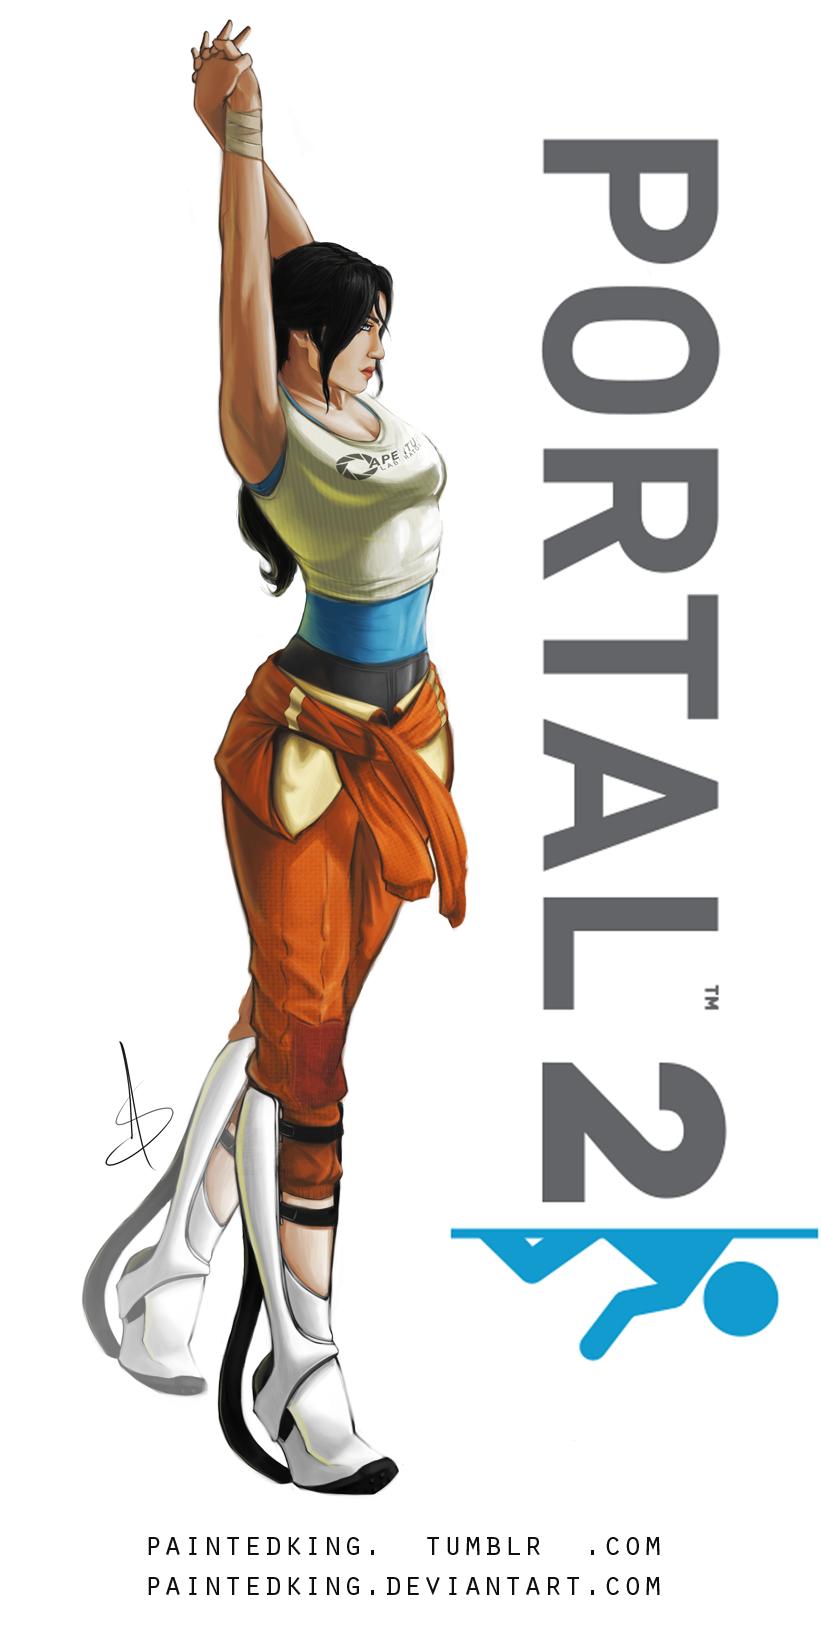 Chell - Portal 2 by asphillipsart on DeviantArt